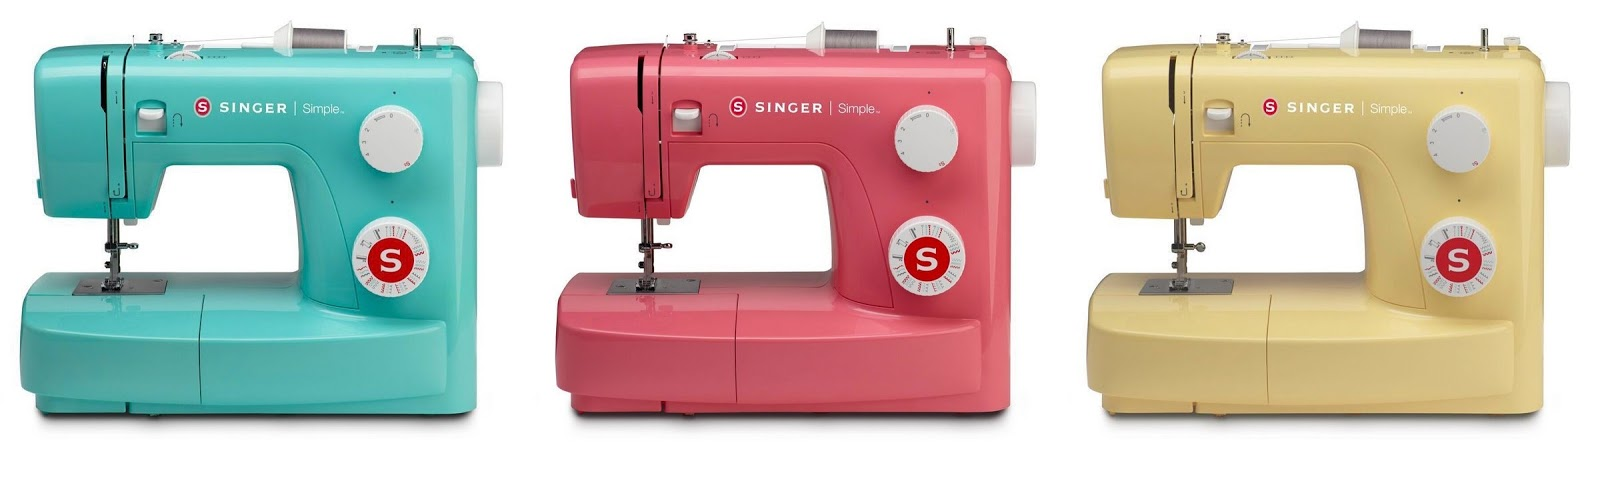 Laisse luciefer les petits secrets couture comment j 39 ai choisi ma machine coudre - Machine a coudre simple ...